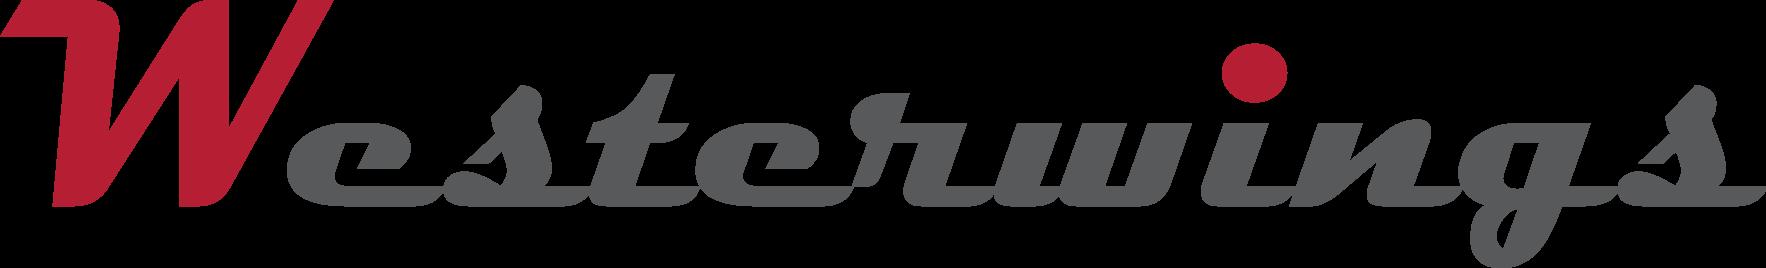 Westerwings